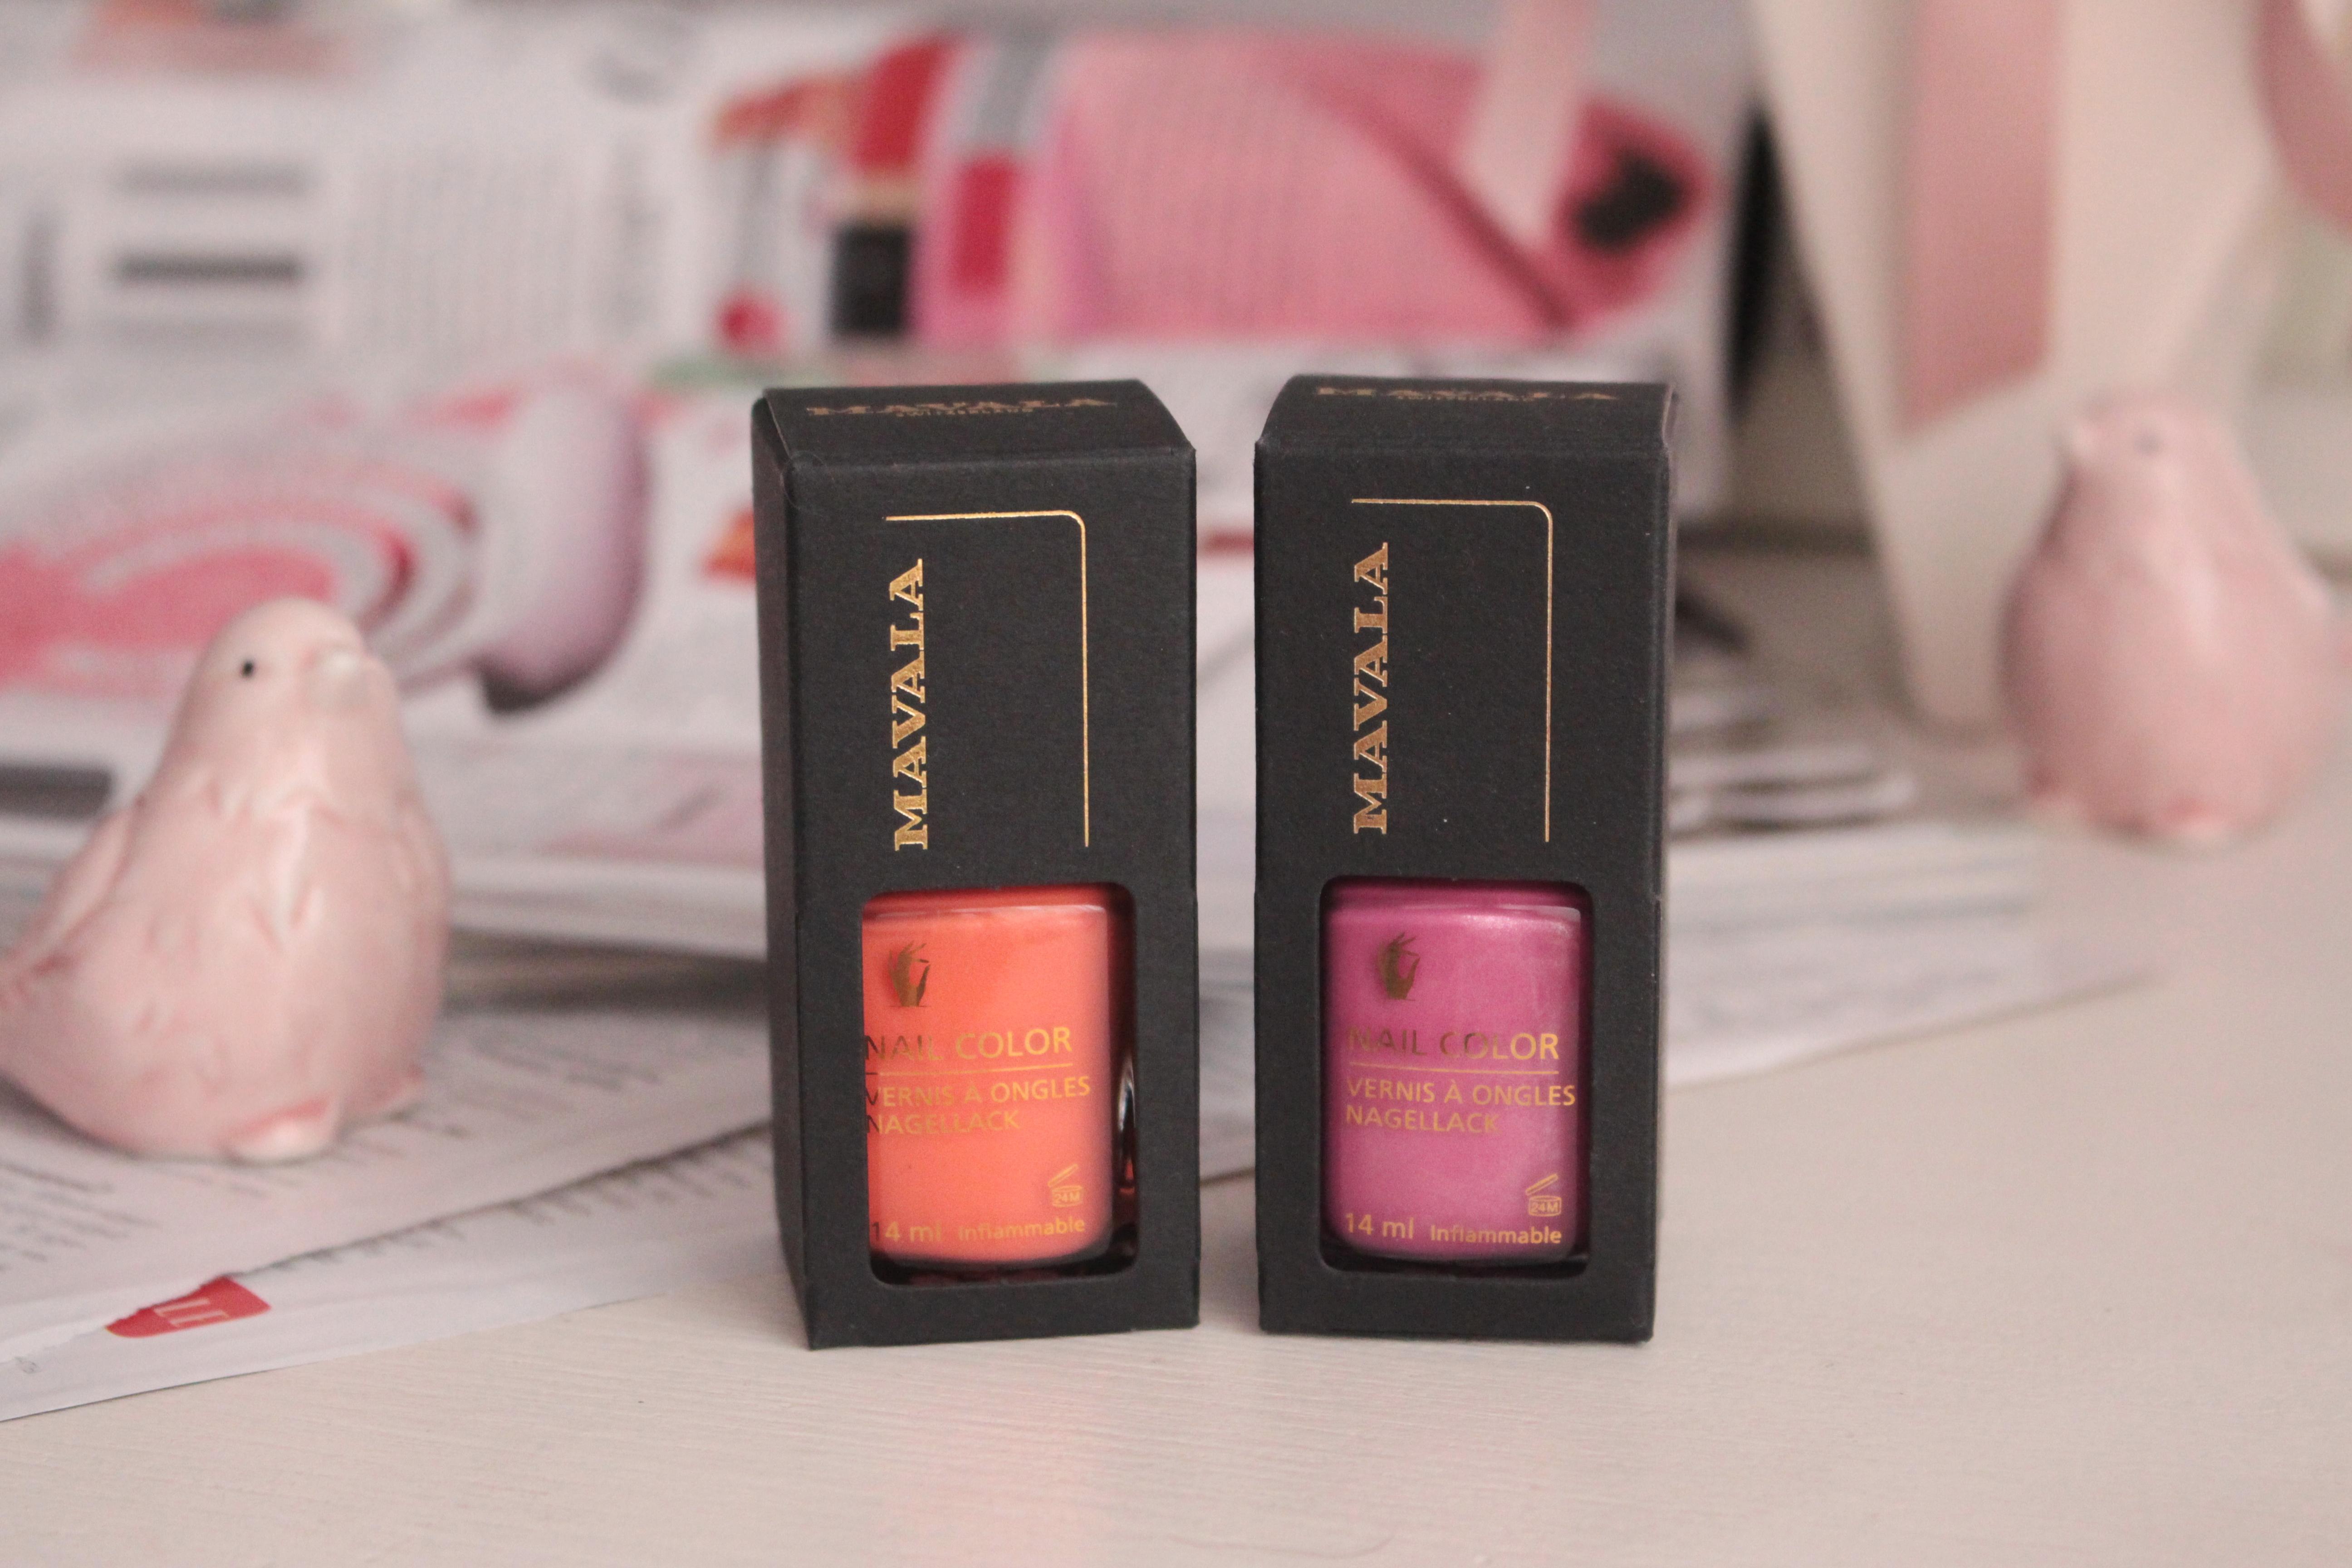 Mavala Nail Color Nagellack «262 Milky» & «298 Graphic» Профессиональные лаки для ногтей